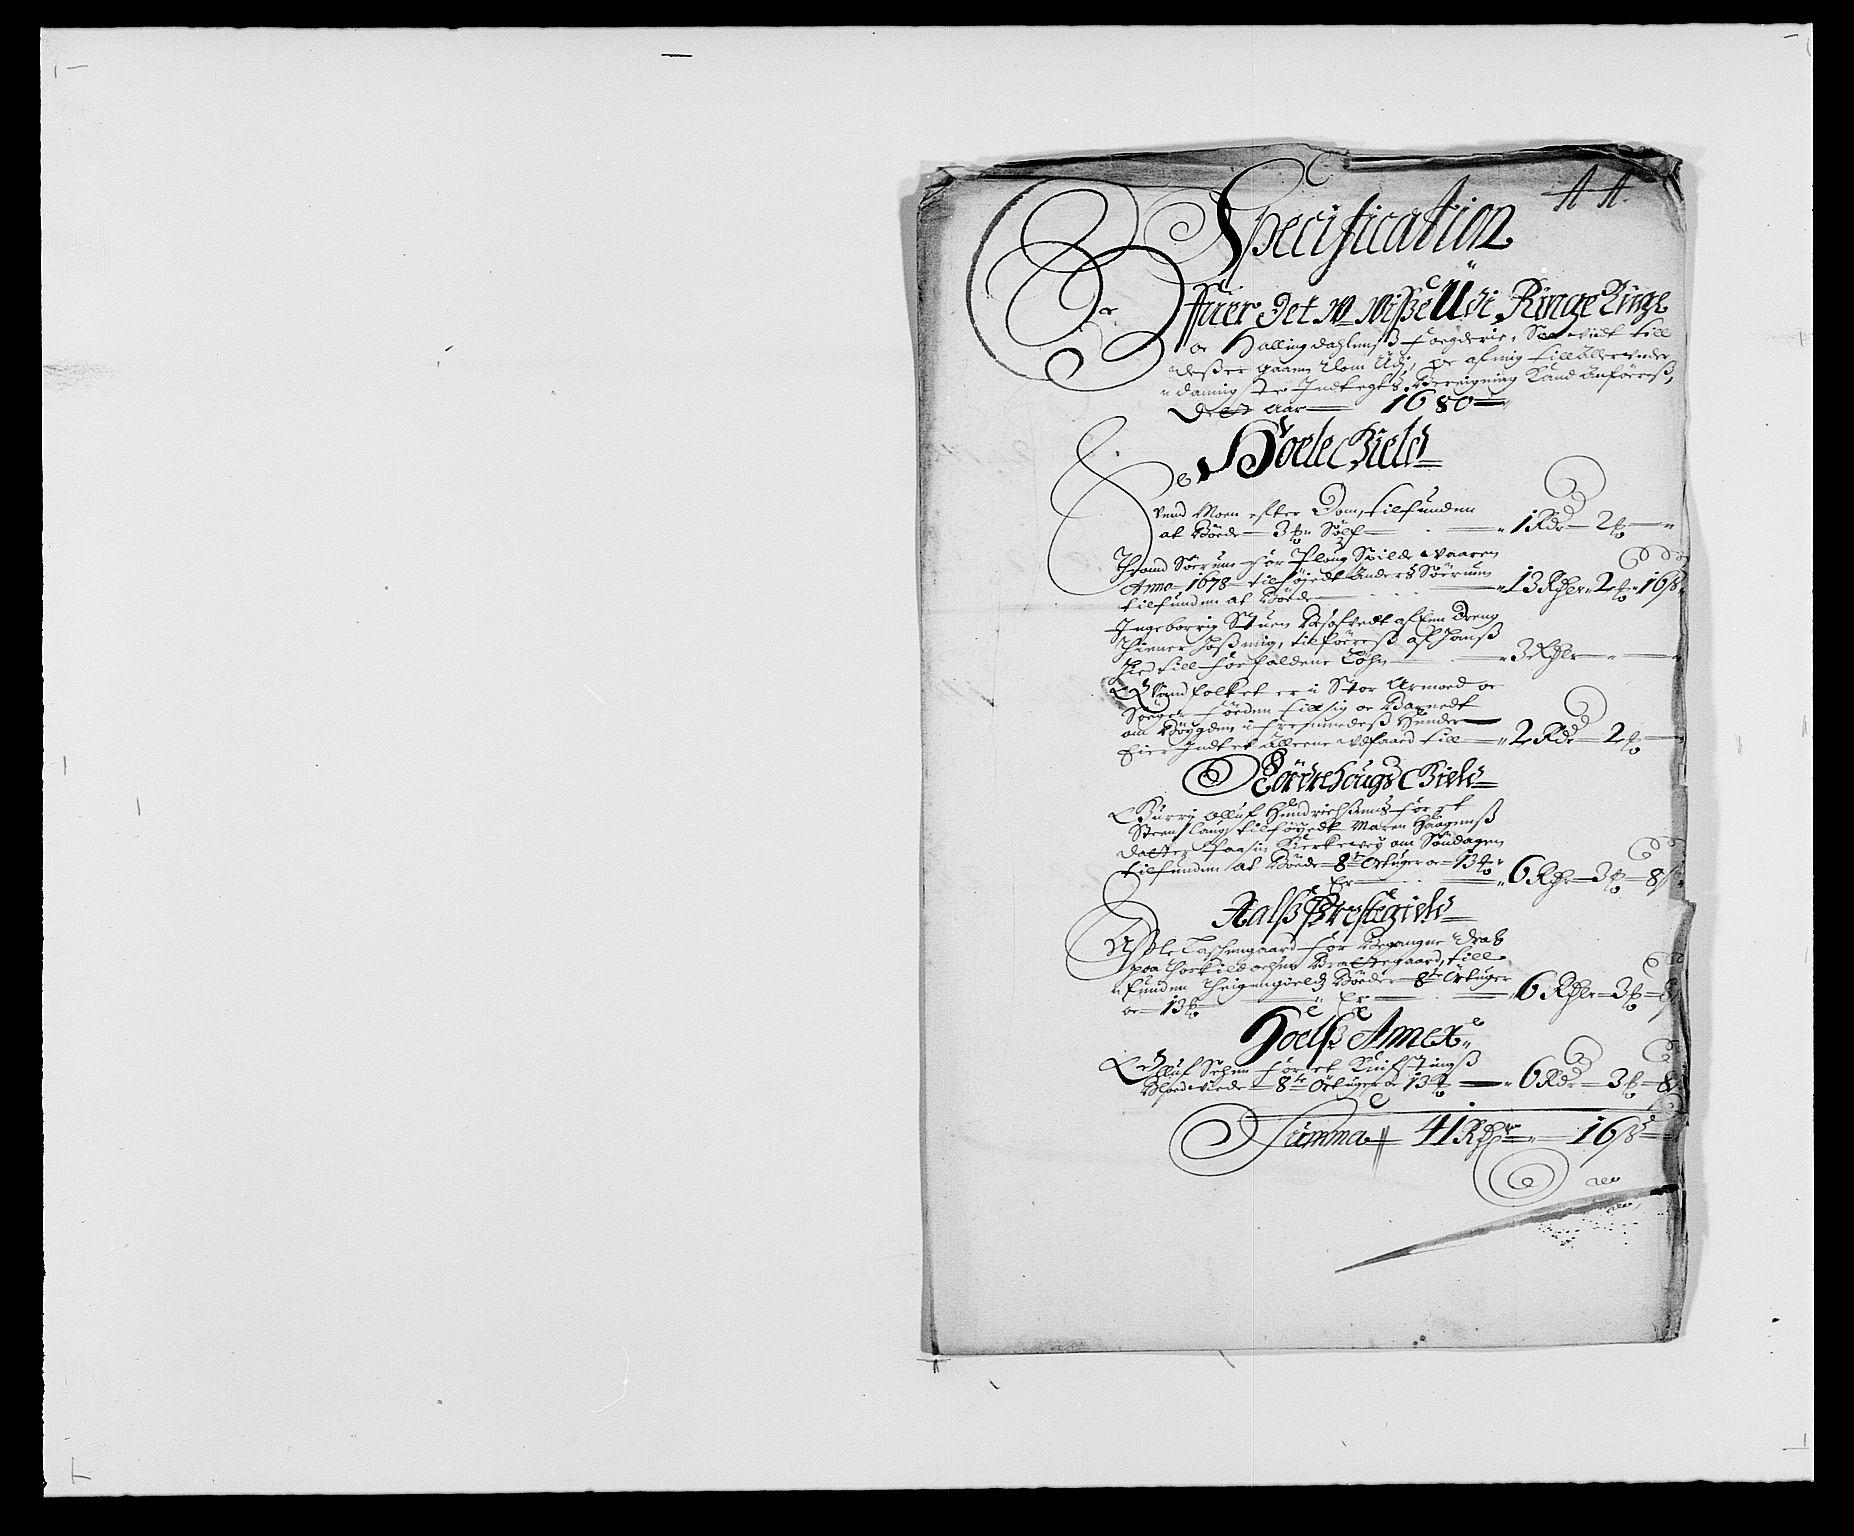 RA, Rentekammeret inntil 1814, Reviderte regnskaper, Fogderegnskap, R21/L1444: Fogderegnskap Ringerike og Hallingdal, 1680-1681, s. 35